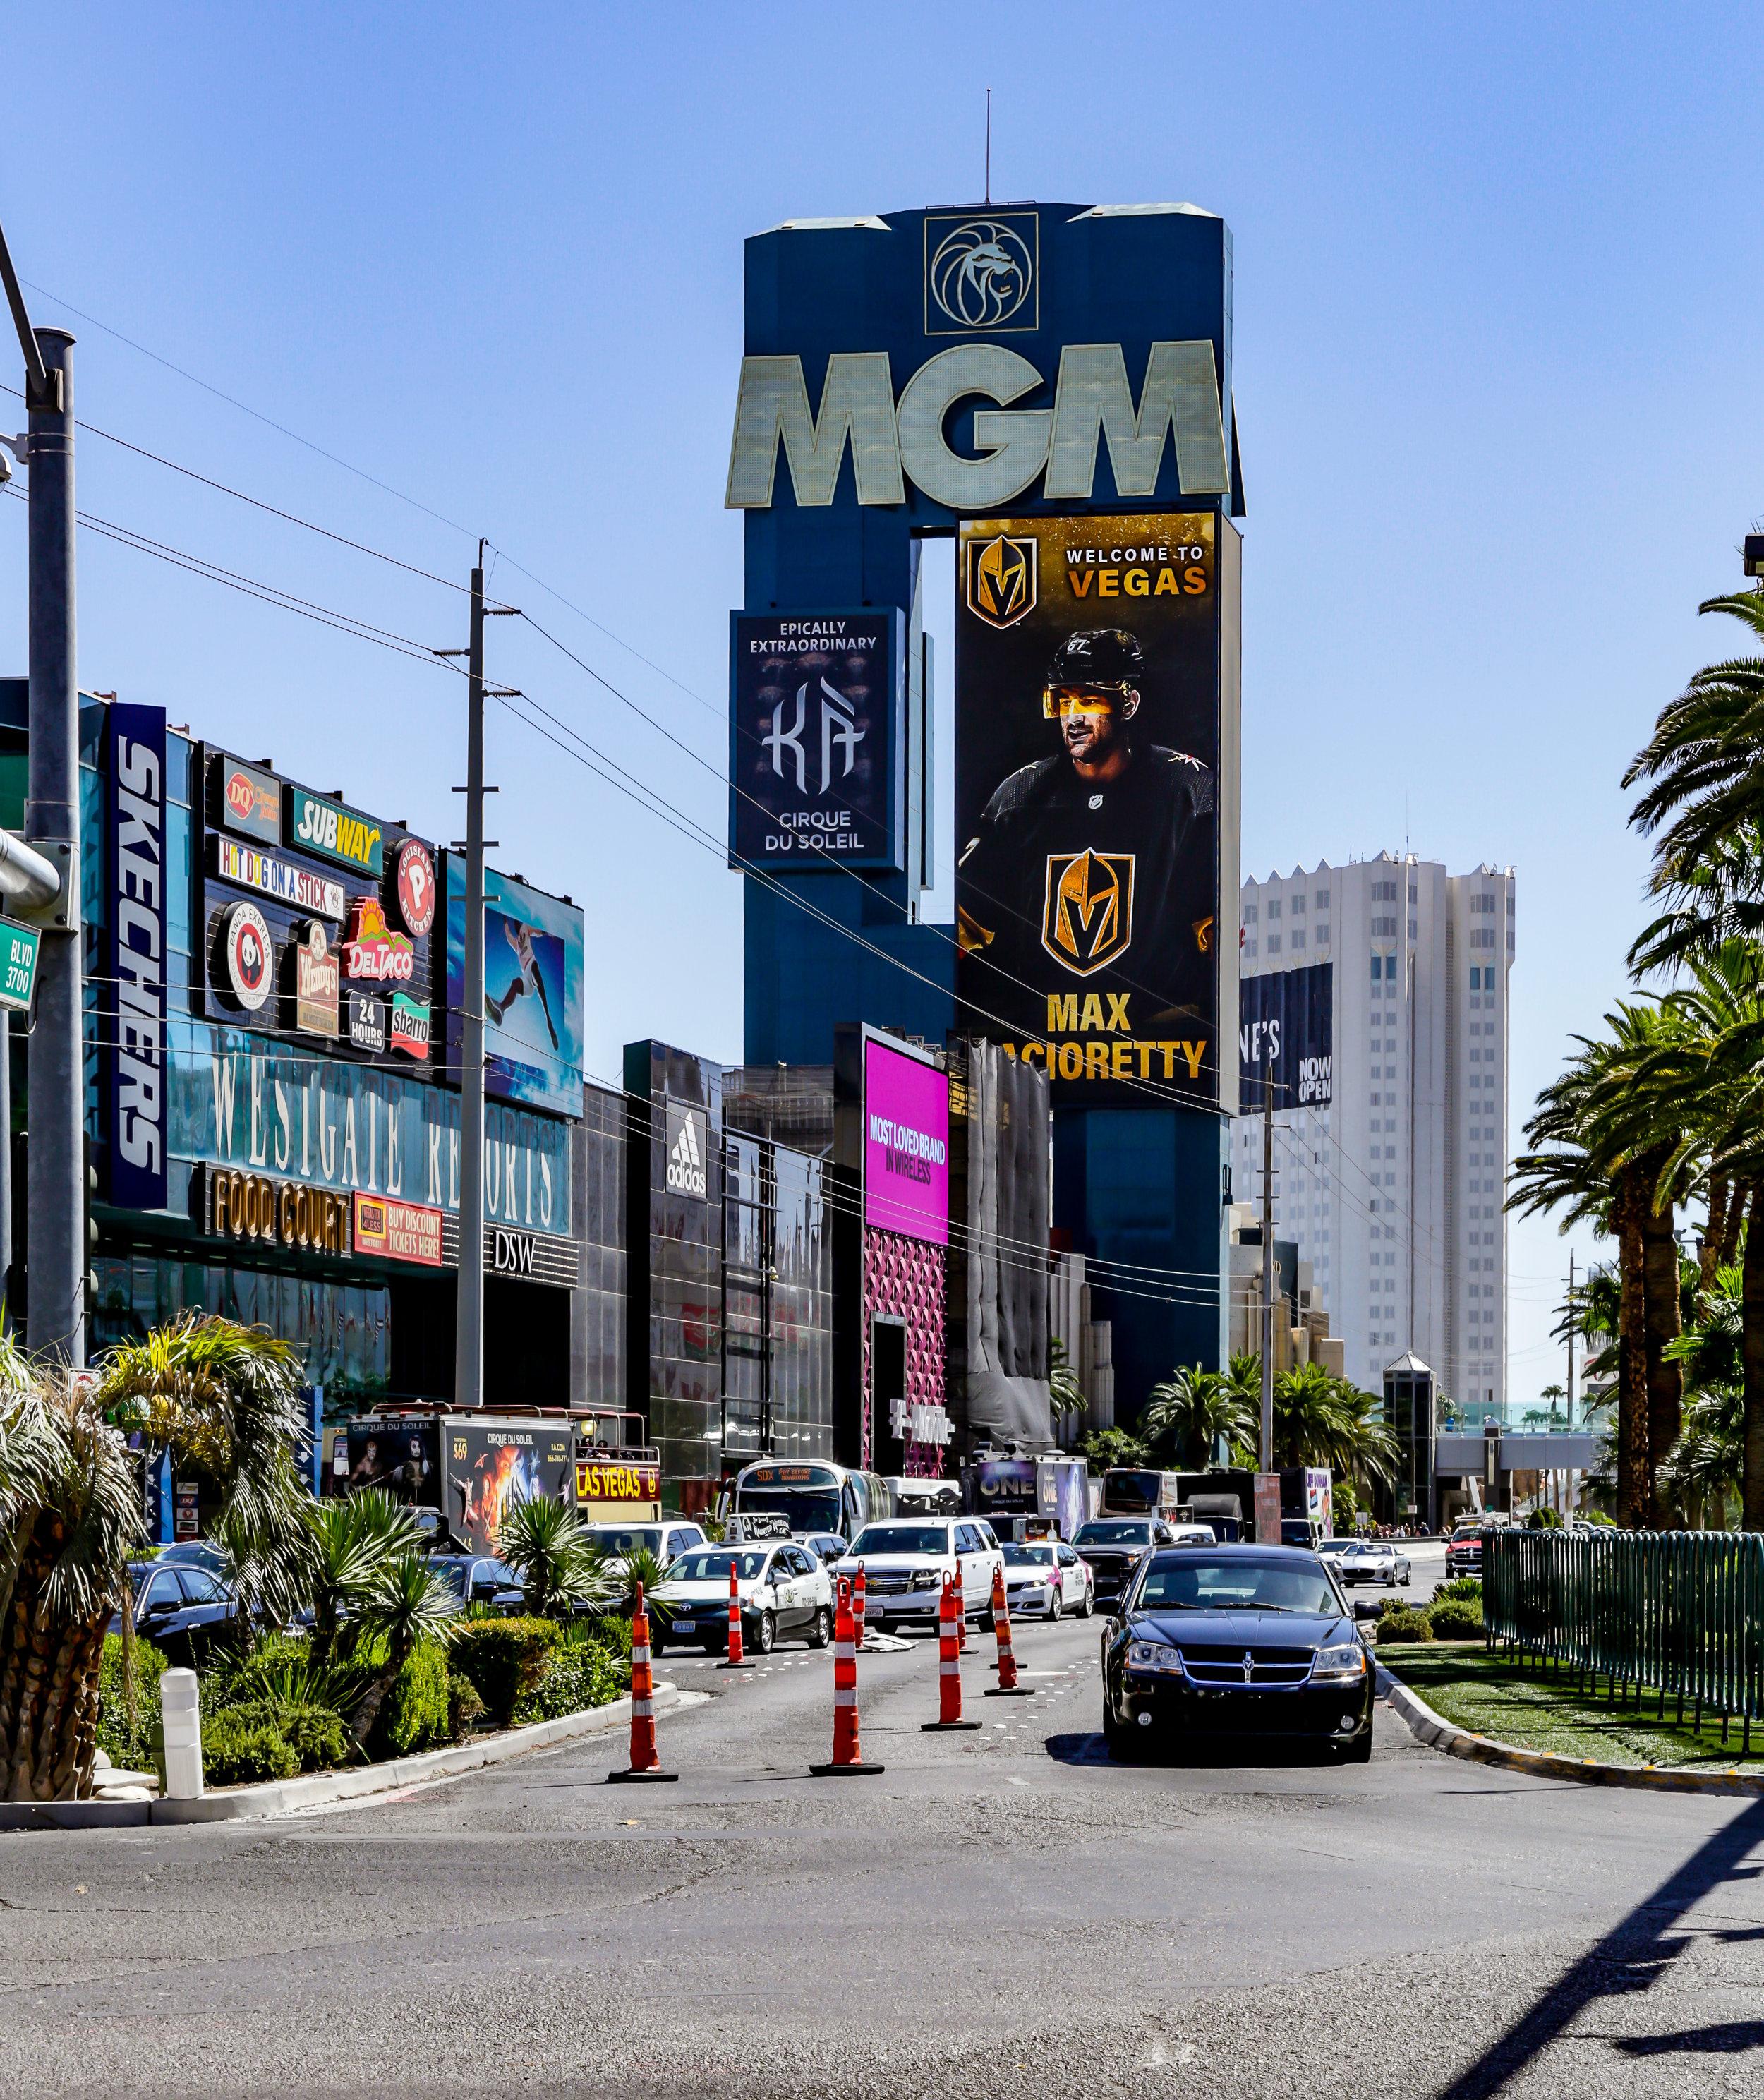 Max Pacioretty Vegas Marquees - Peter Chmiel-0152.jpg